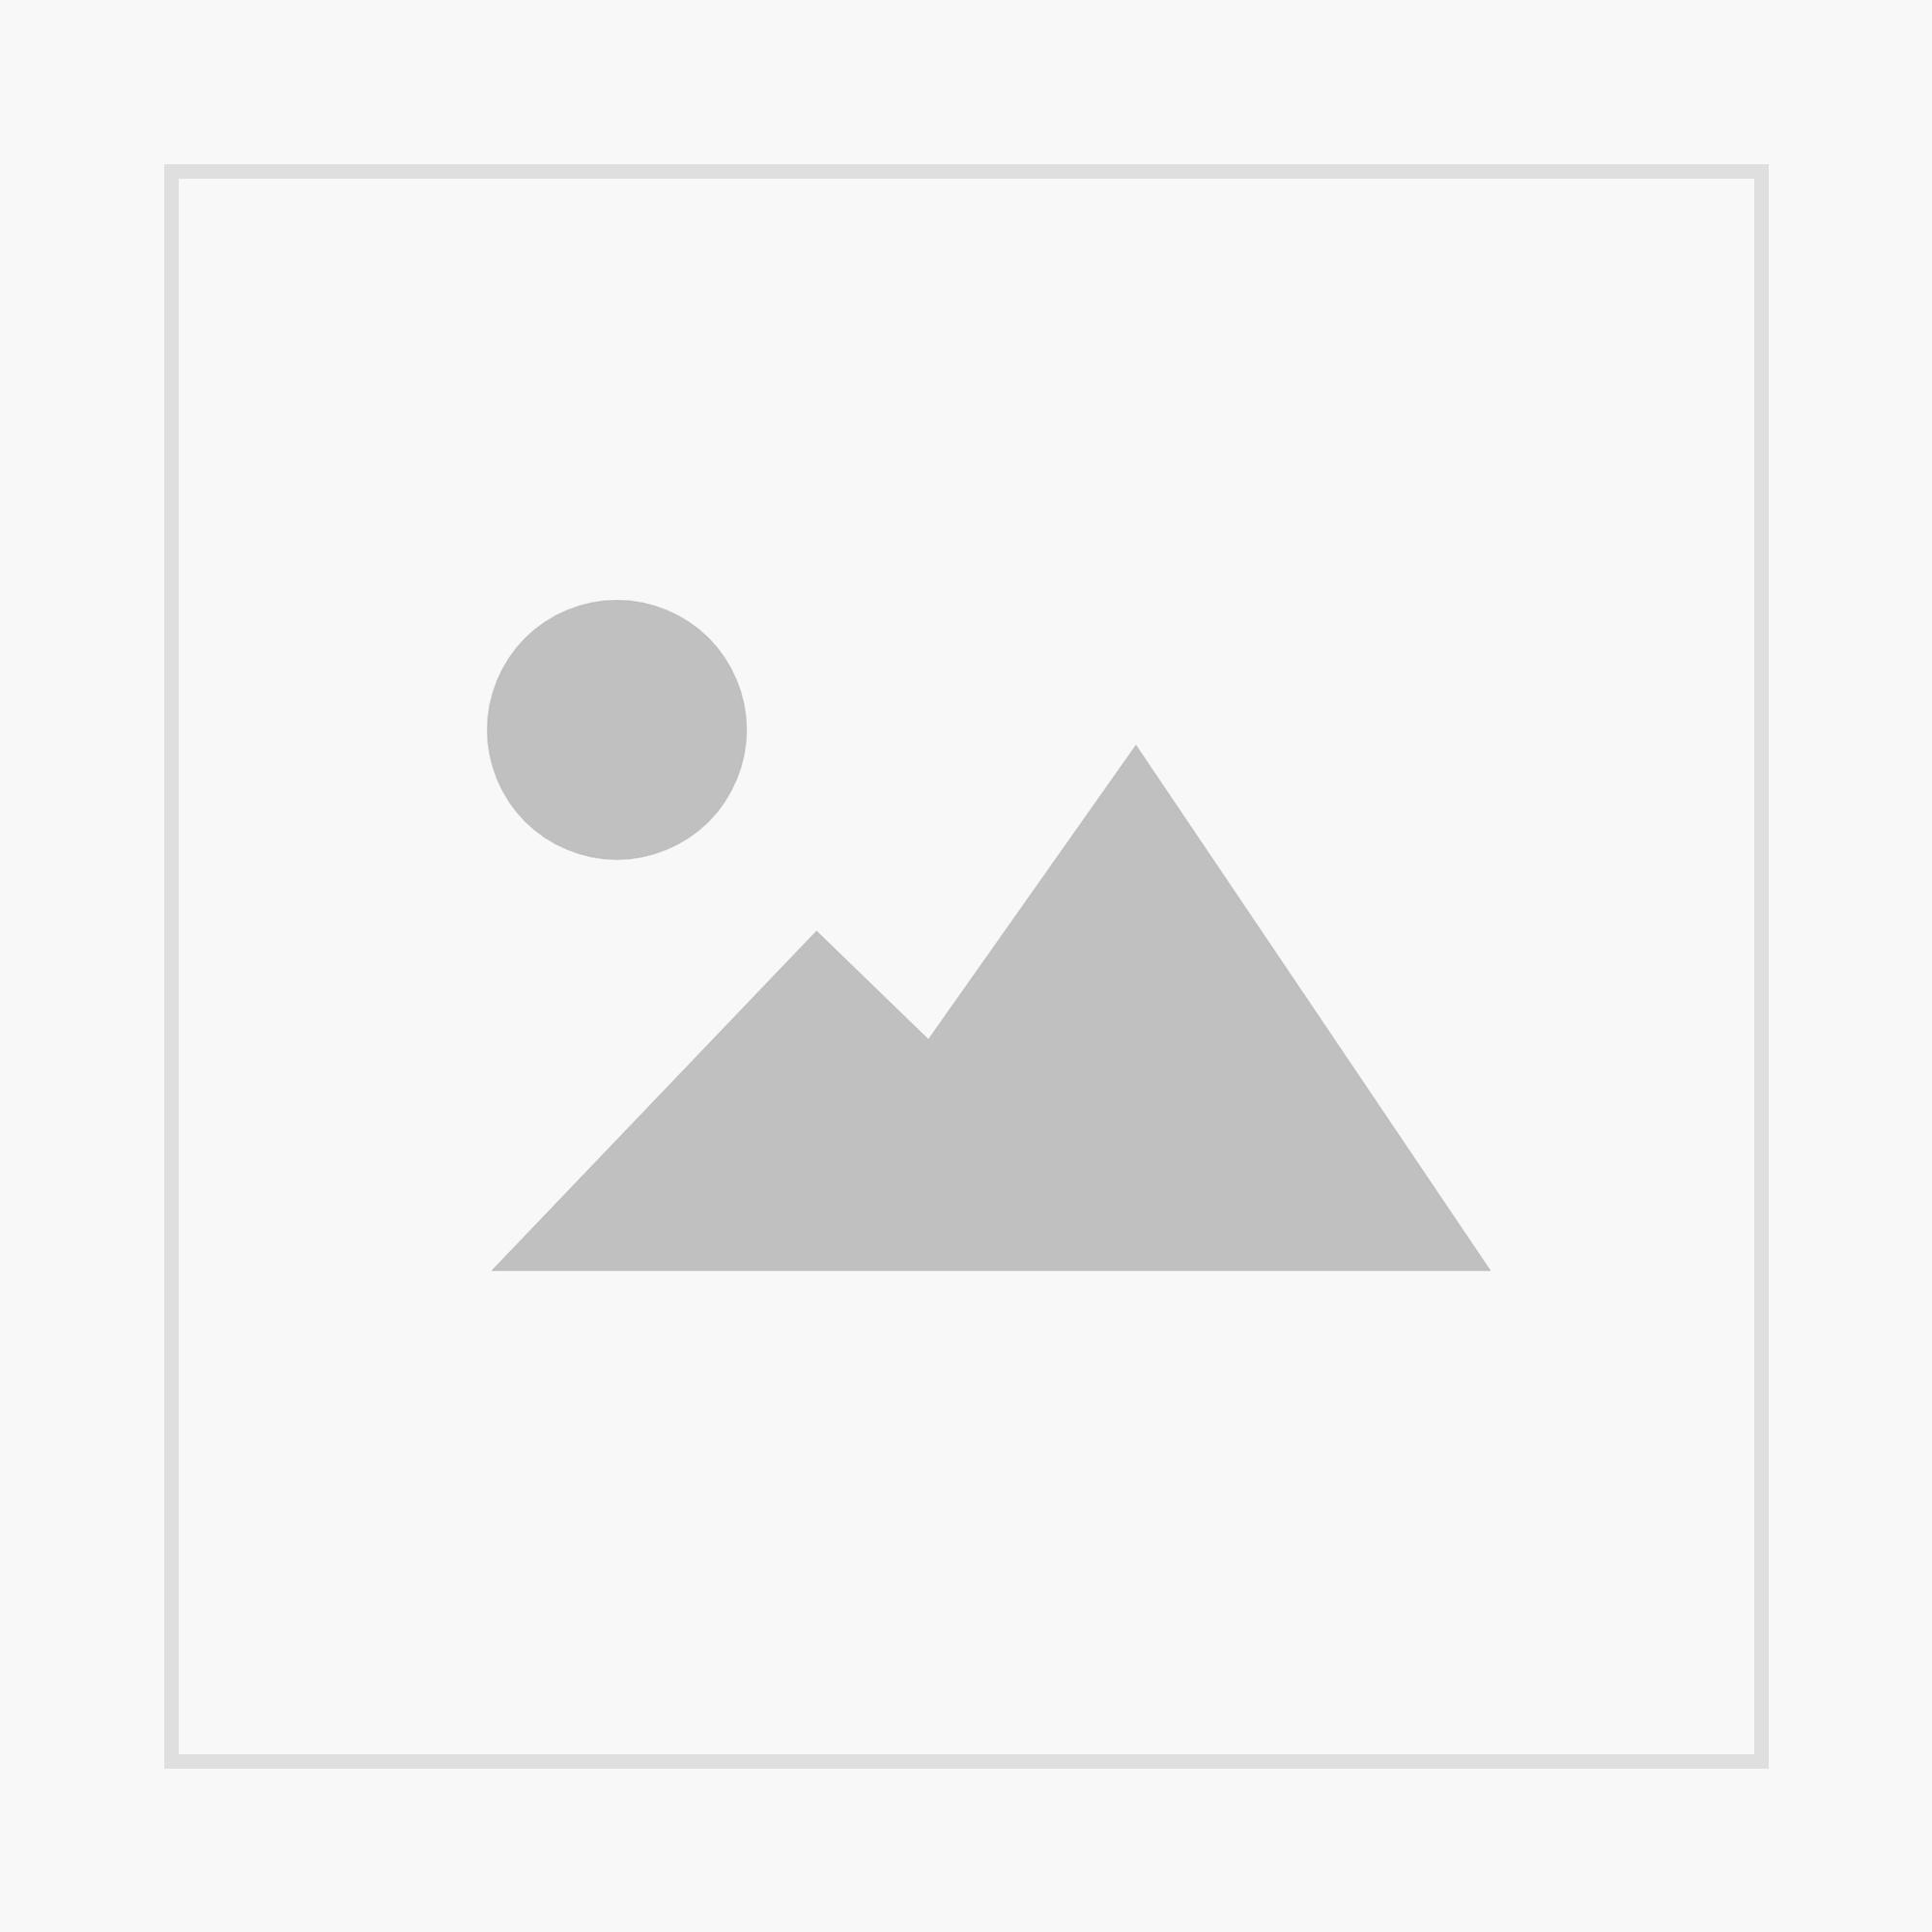 Ve Heft 30: Chorologisch-ökologische Auswertungen der Daten der Floristischen Kartierung Deutschlands.